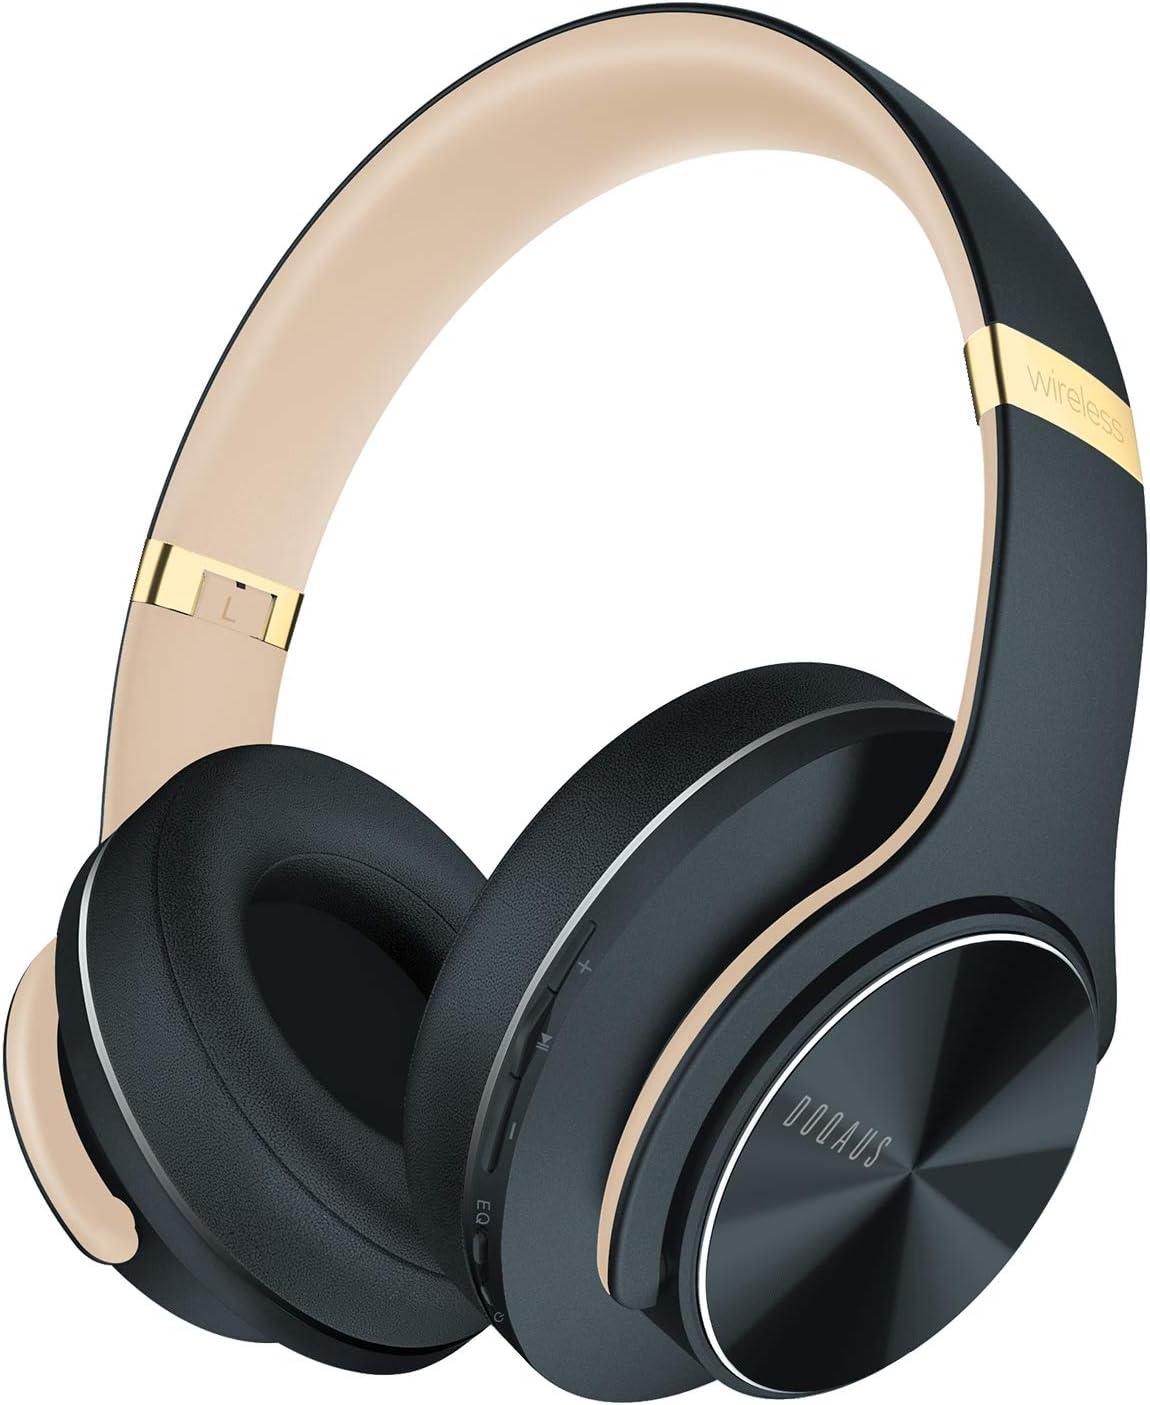 DOQAUS Cascos Inalámbrico Bluetooth, [52 Hrs de Reproducir] Alta fidelidad Estéreo Auriculares Diadema con 3 Modo EQ, Micrófono Incorporado, para Móviles/iPhone/Xiaomi/Android/PC/TV (Gris Asfalto)